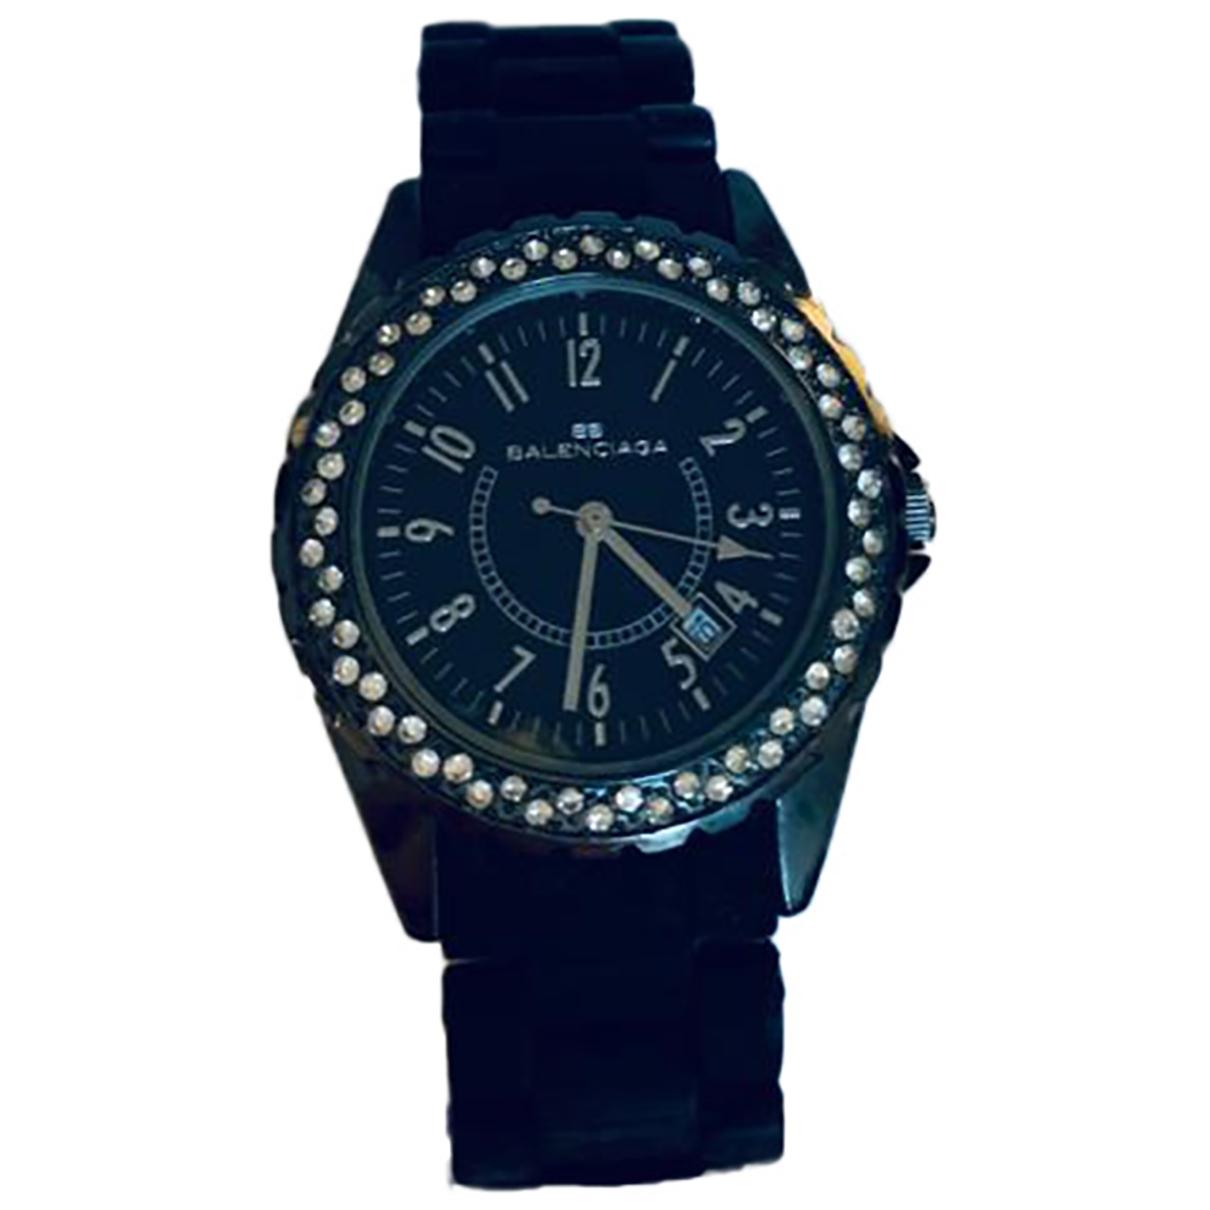 Relojes Balenciaga